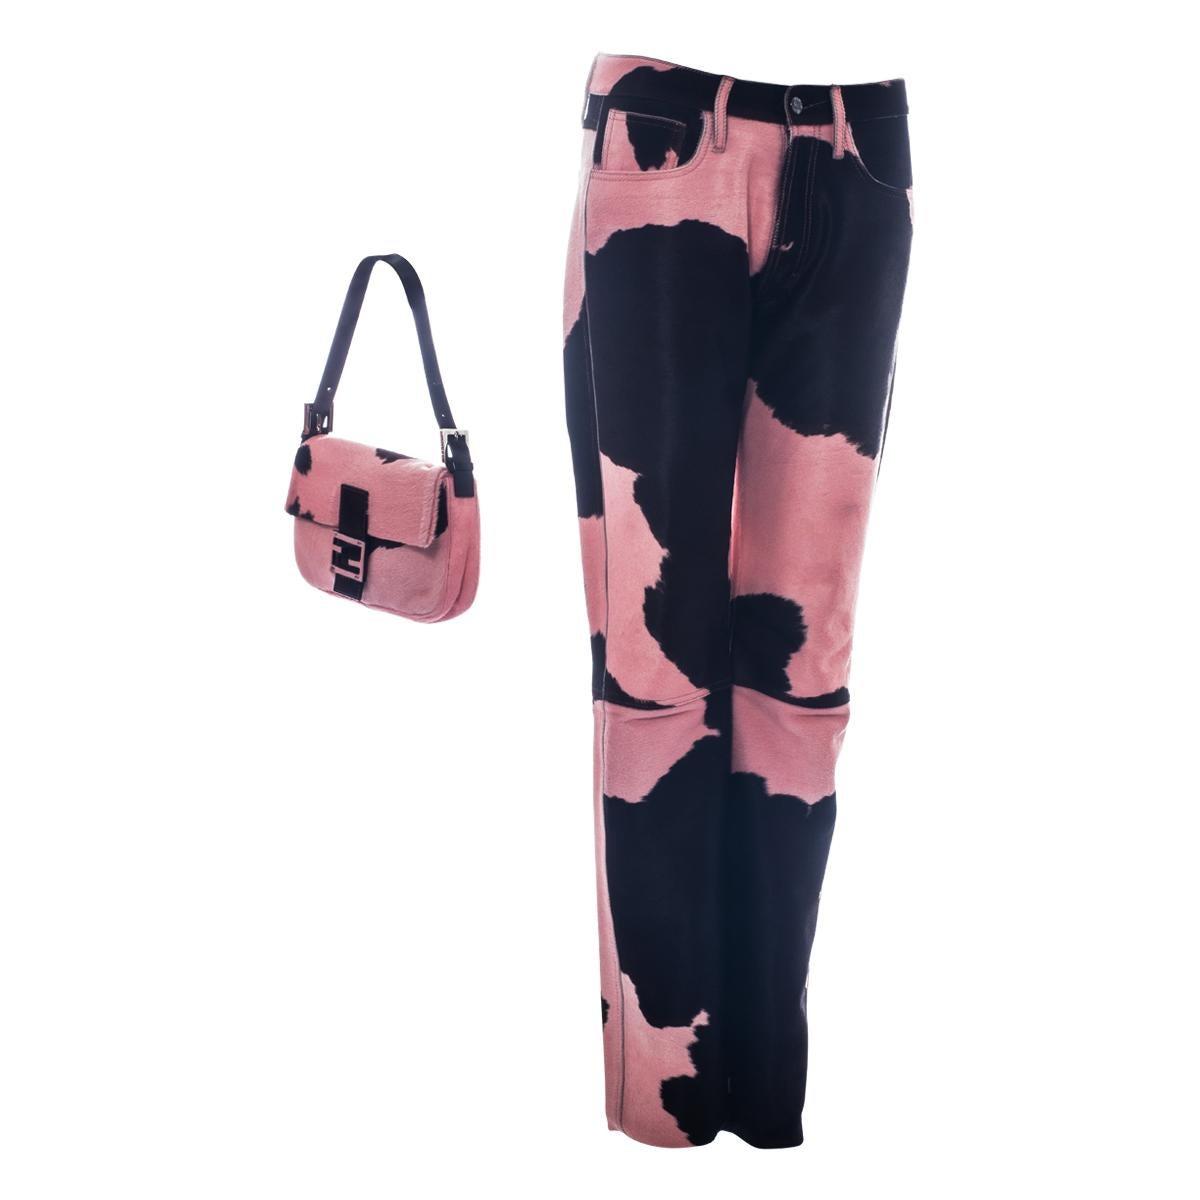 Fendi by Karl Lagerfeld baby pink cowhide pants and baguette bag set, fw 1999